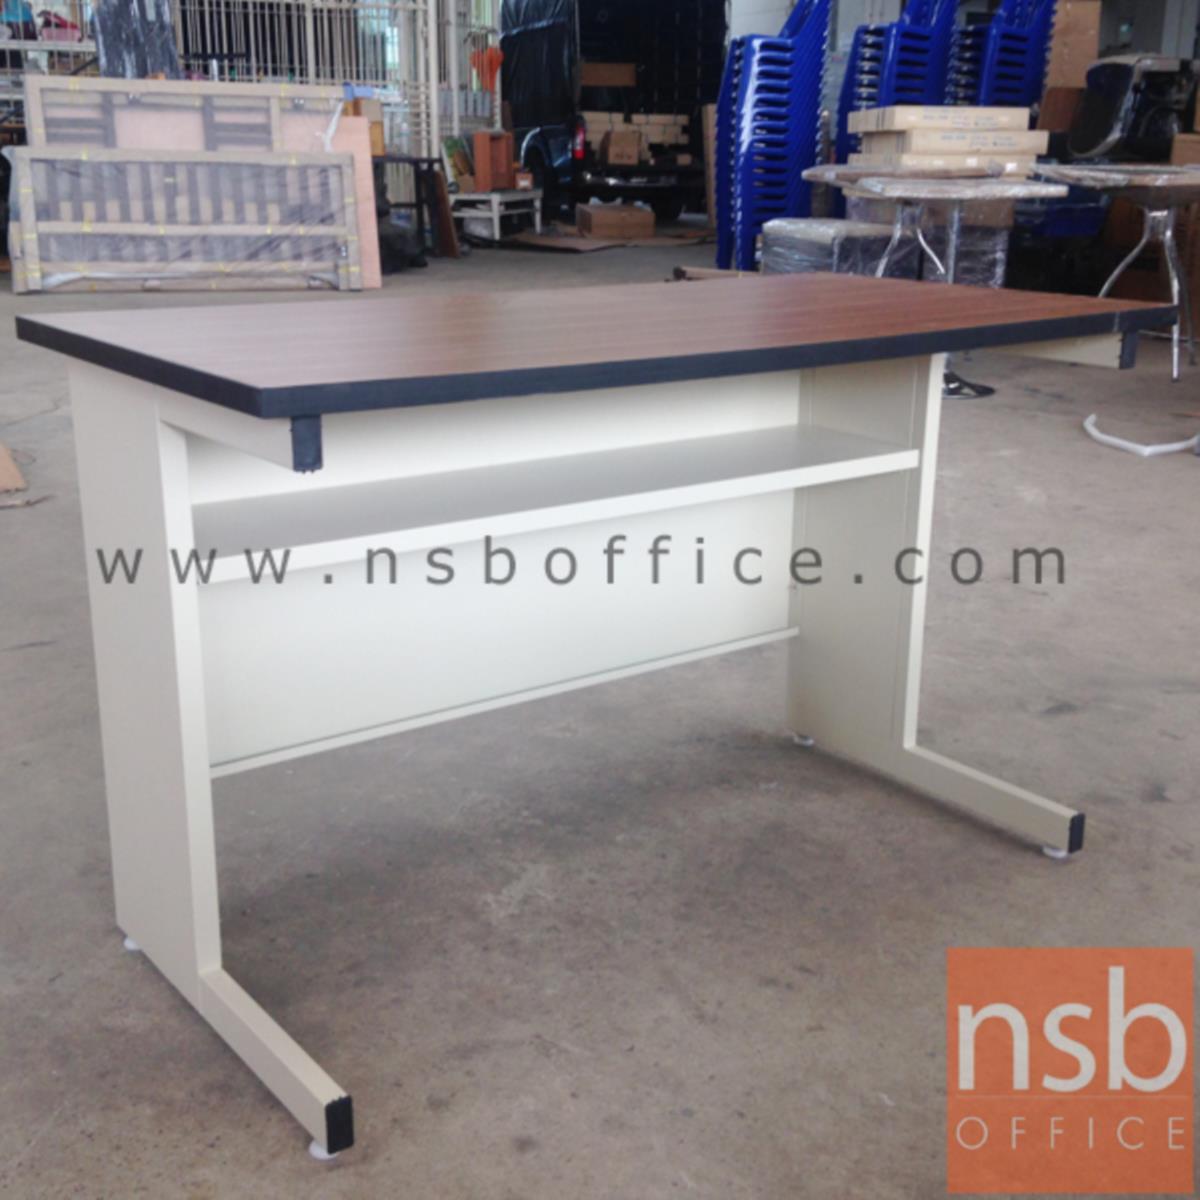 โต๊ะประชุมตรง รุ่น Amolika (อโมลิก้า) ขนาด 119.7W ,152.5W ,182.5W cm.  ขาเหล็กตัวแอล